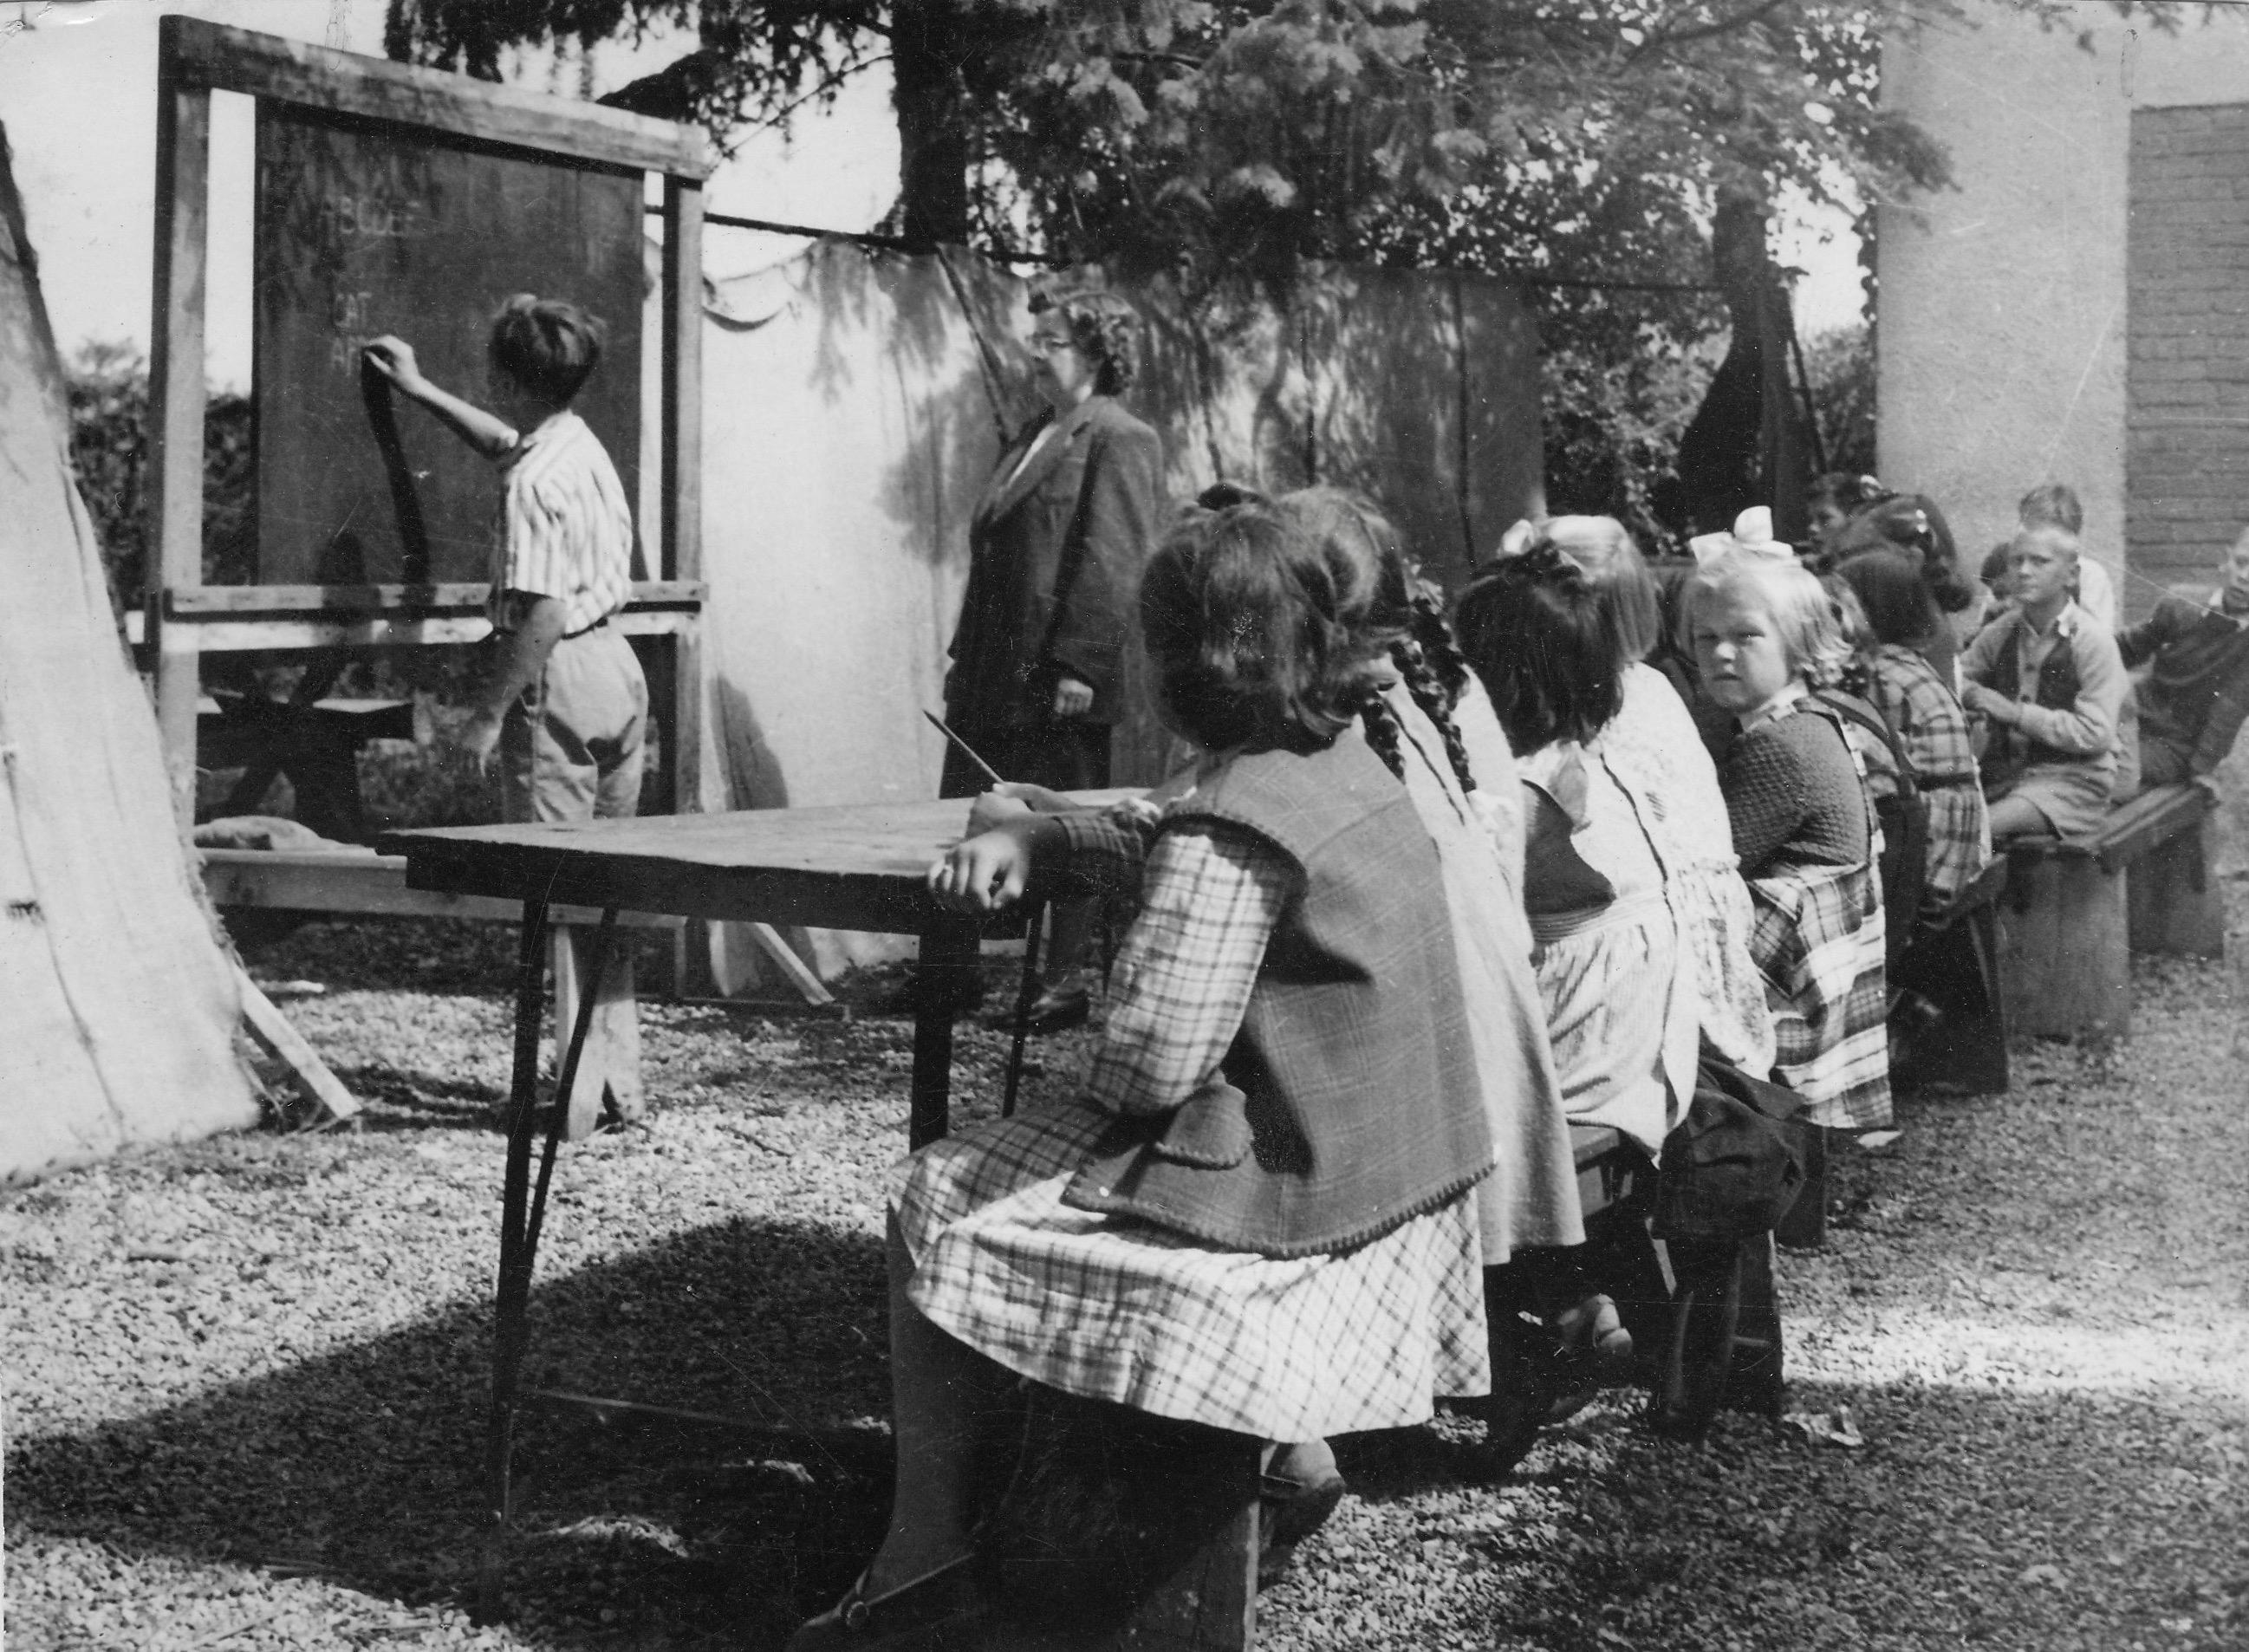 Opincina, beginning of the school, 2 outdoor classes Sept. 1951